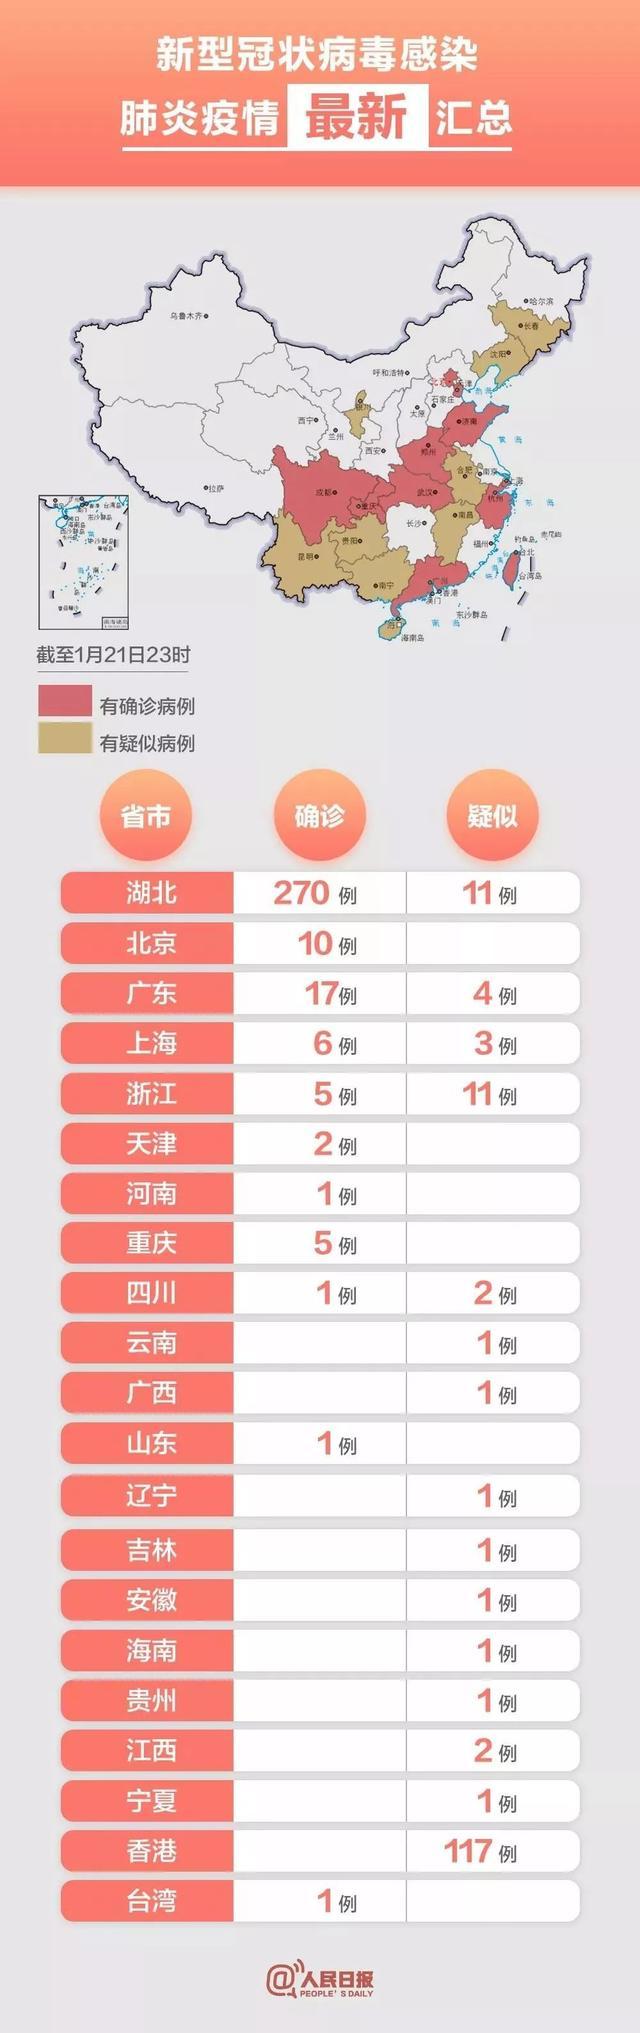 湖北黄冈新增12例新型肺炎病例